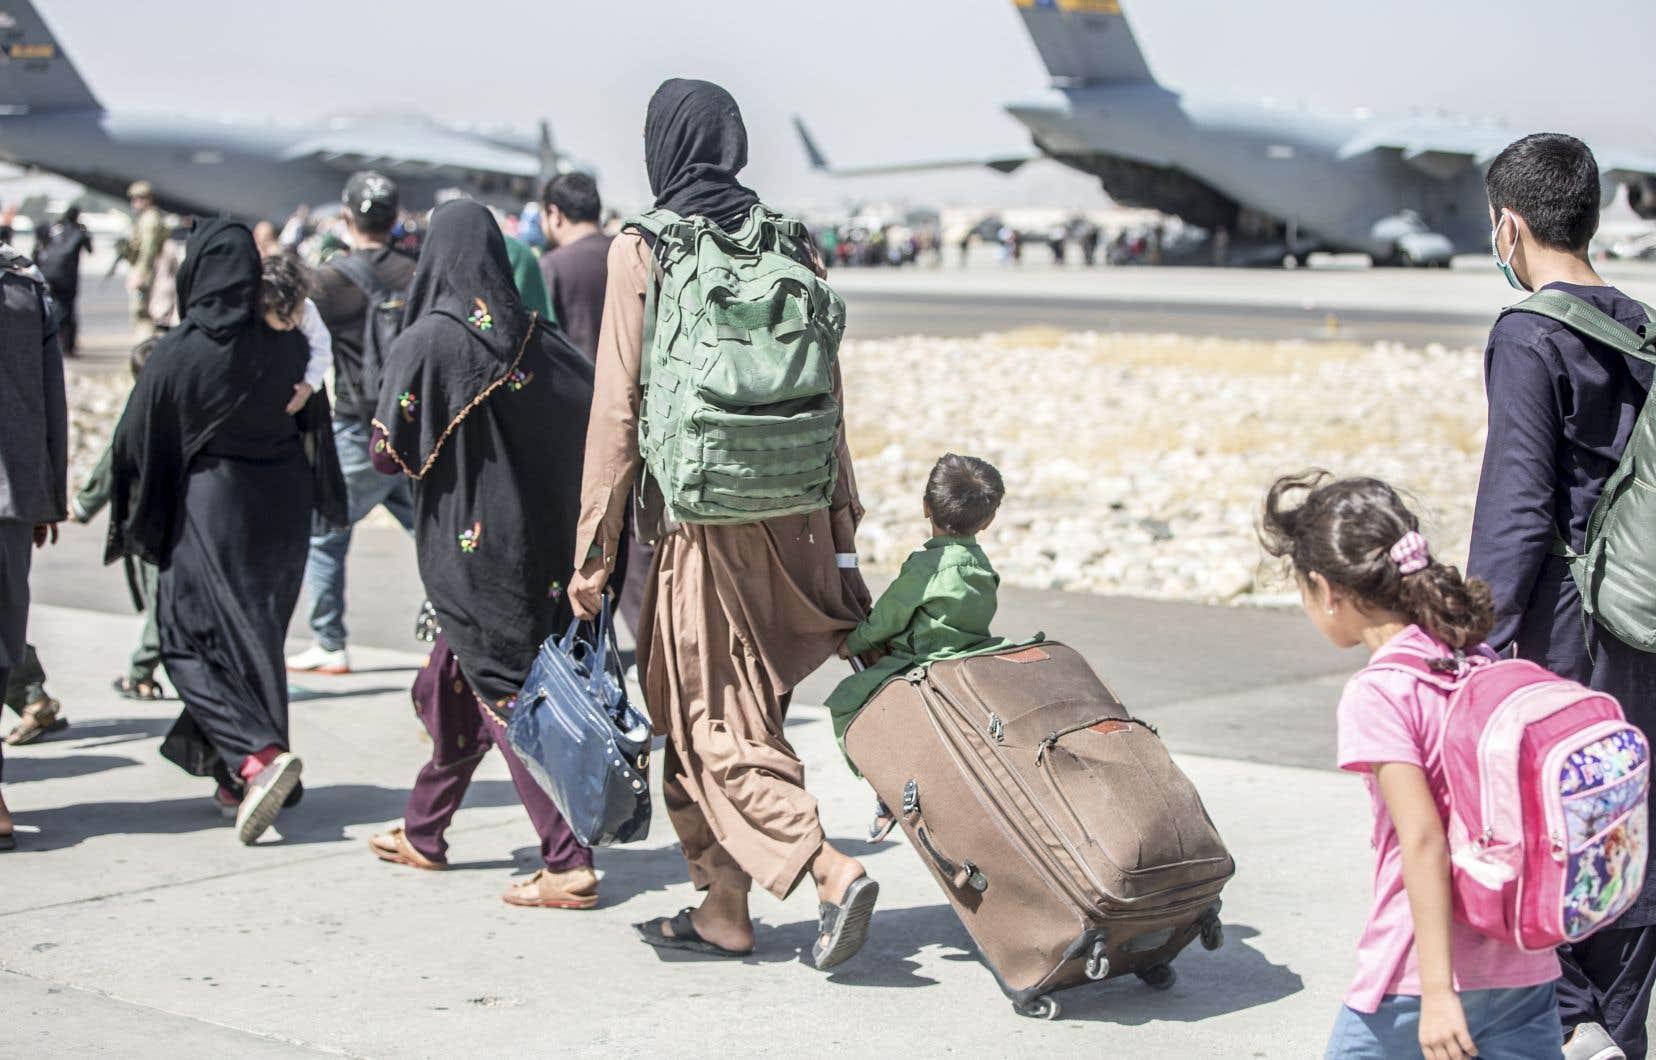 «Évidemment, nous sommes tous d'accord que les talibans doivent laisser les gens se rendre à l'aéroport dans les jours à venir, mais ils vont devoir aussi permettre aux gens de quitter l'Afghanistan dans les semaines à venir», a déclaré Justin Trudeau.